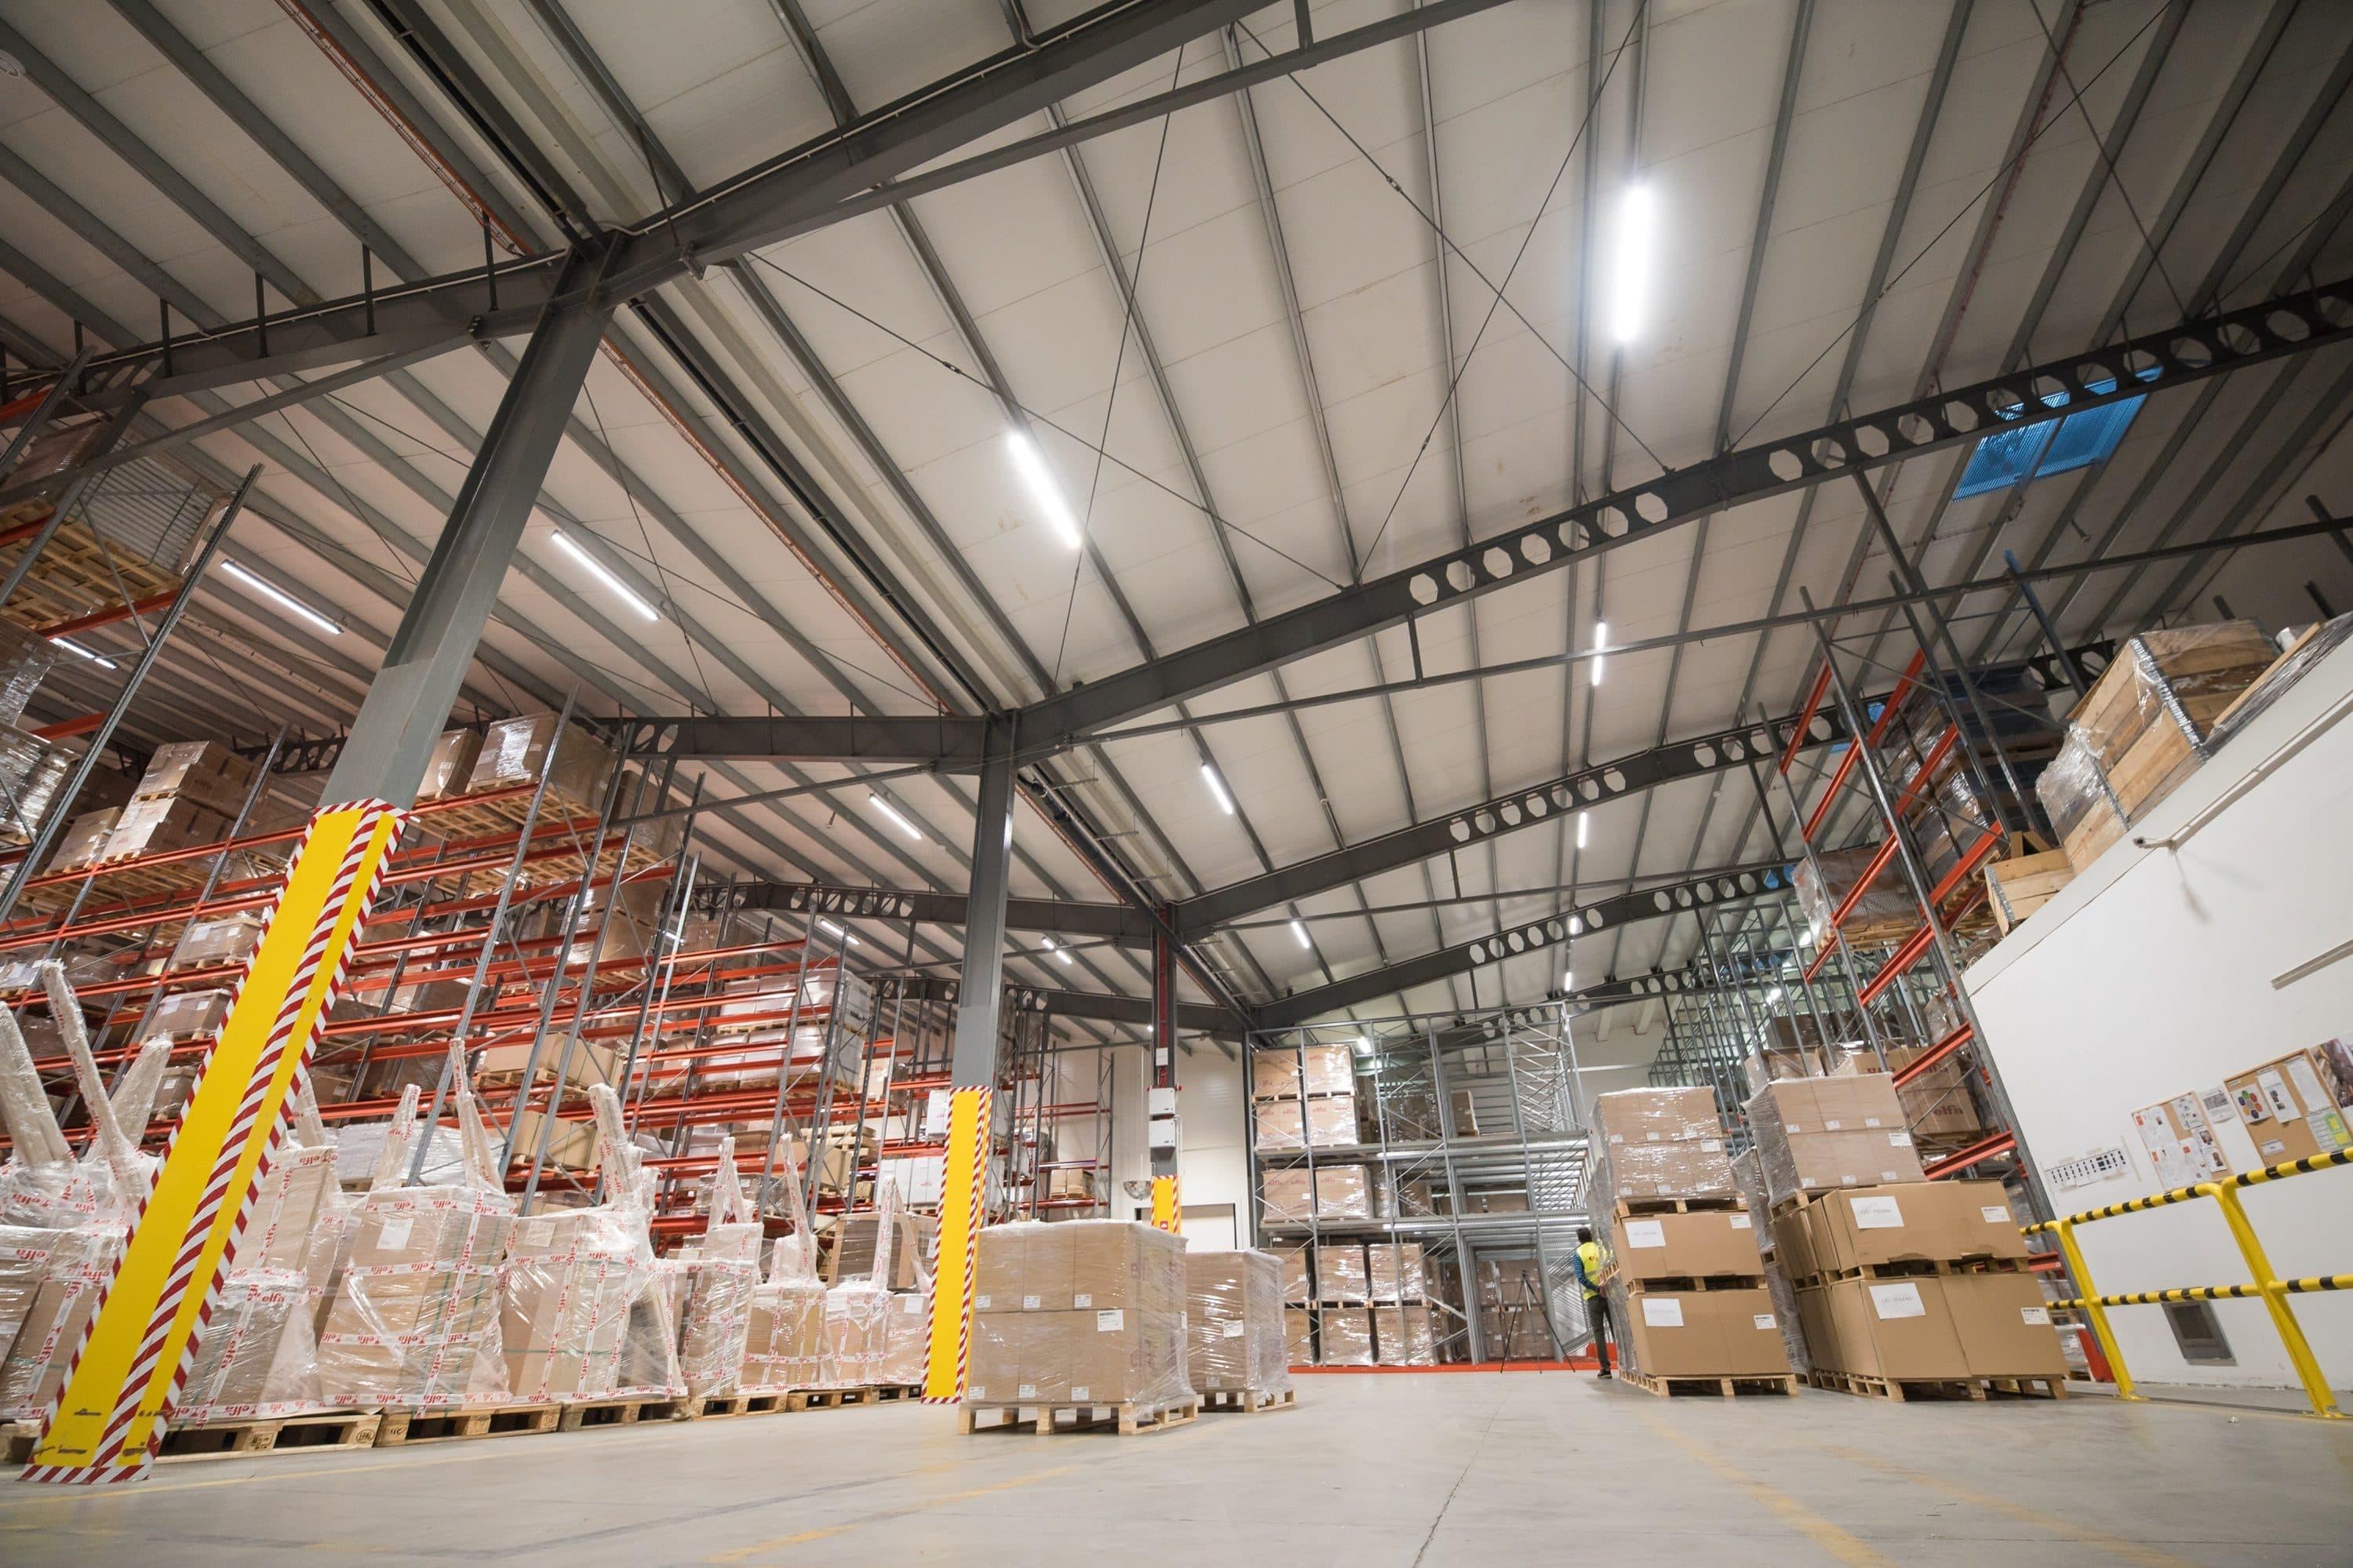 Magazyn firmy Elfa Manufacturing oświetlony oprawami przemysłowymi Industrial - Luxon LED